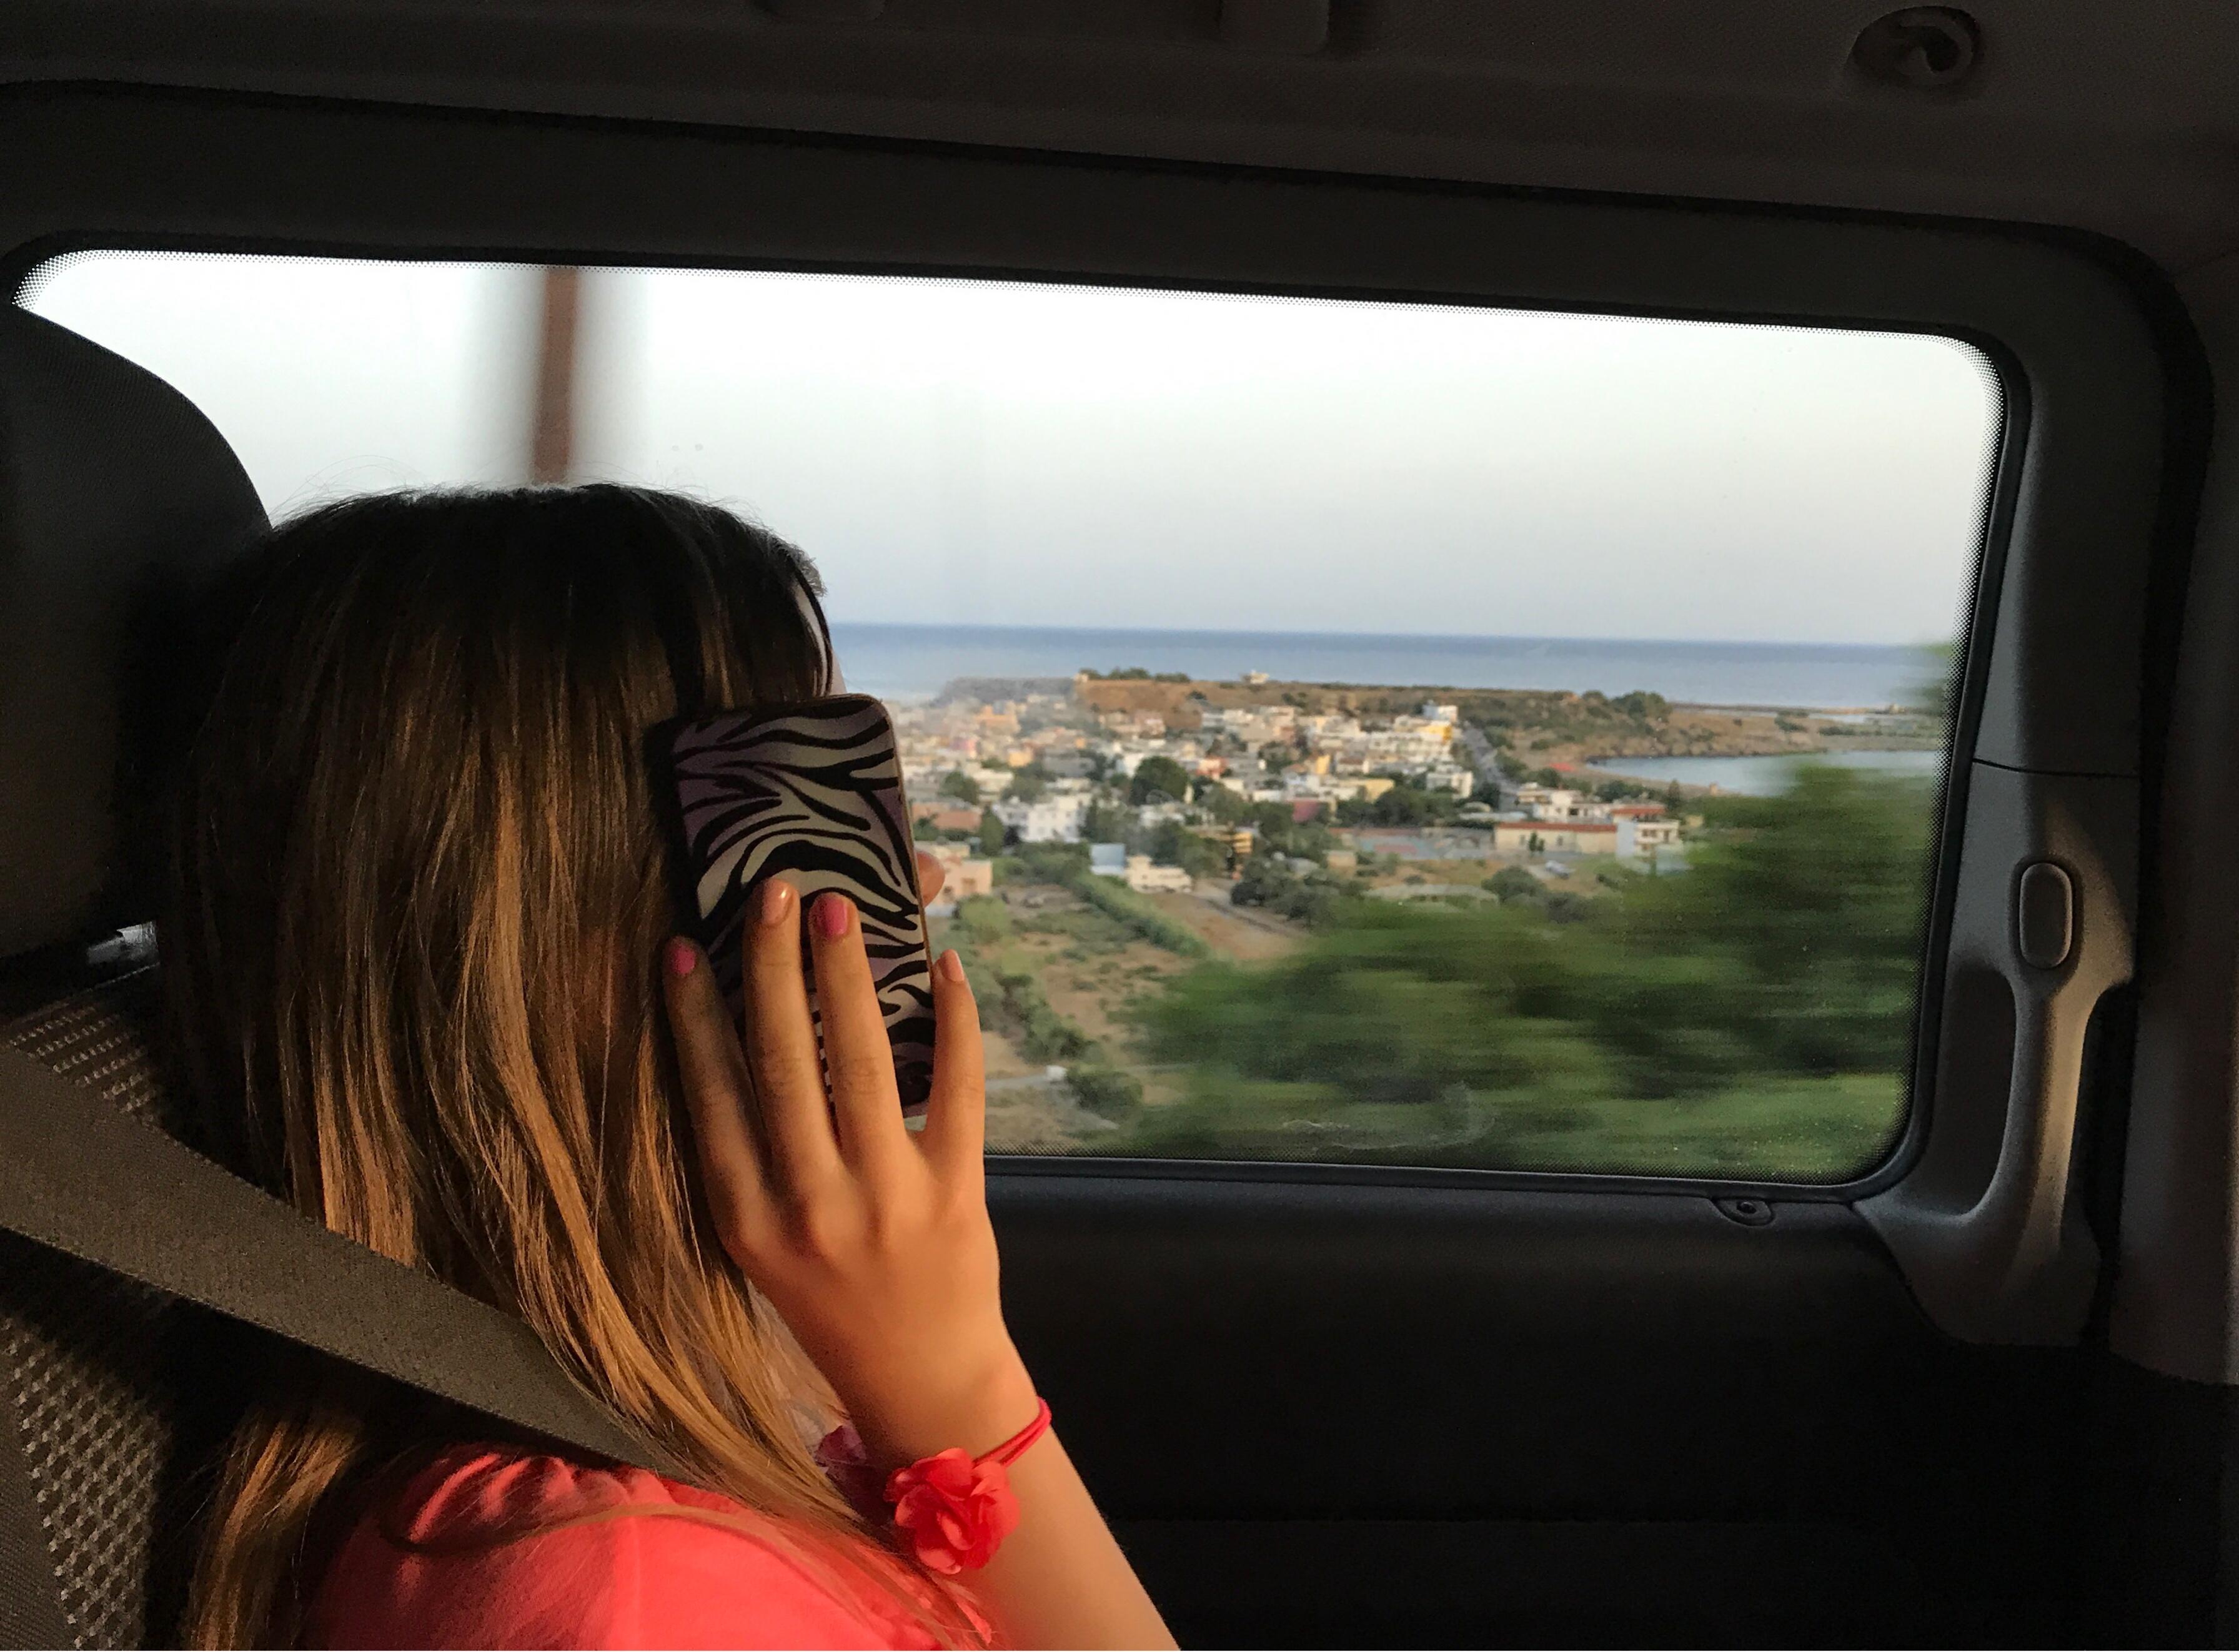 Gjennom sideruta på bilen ser man en by på en halvøy med havet på begge sider. Jente med telefon i forgrunnen.